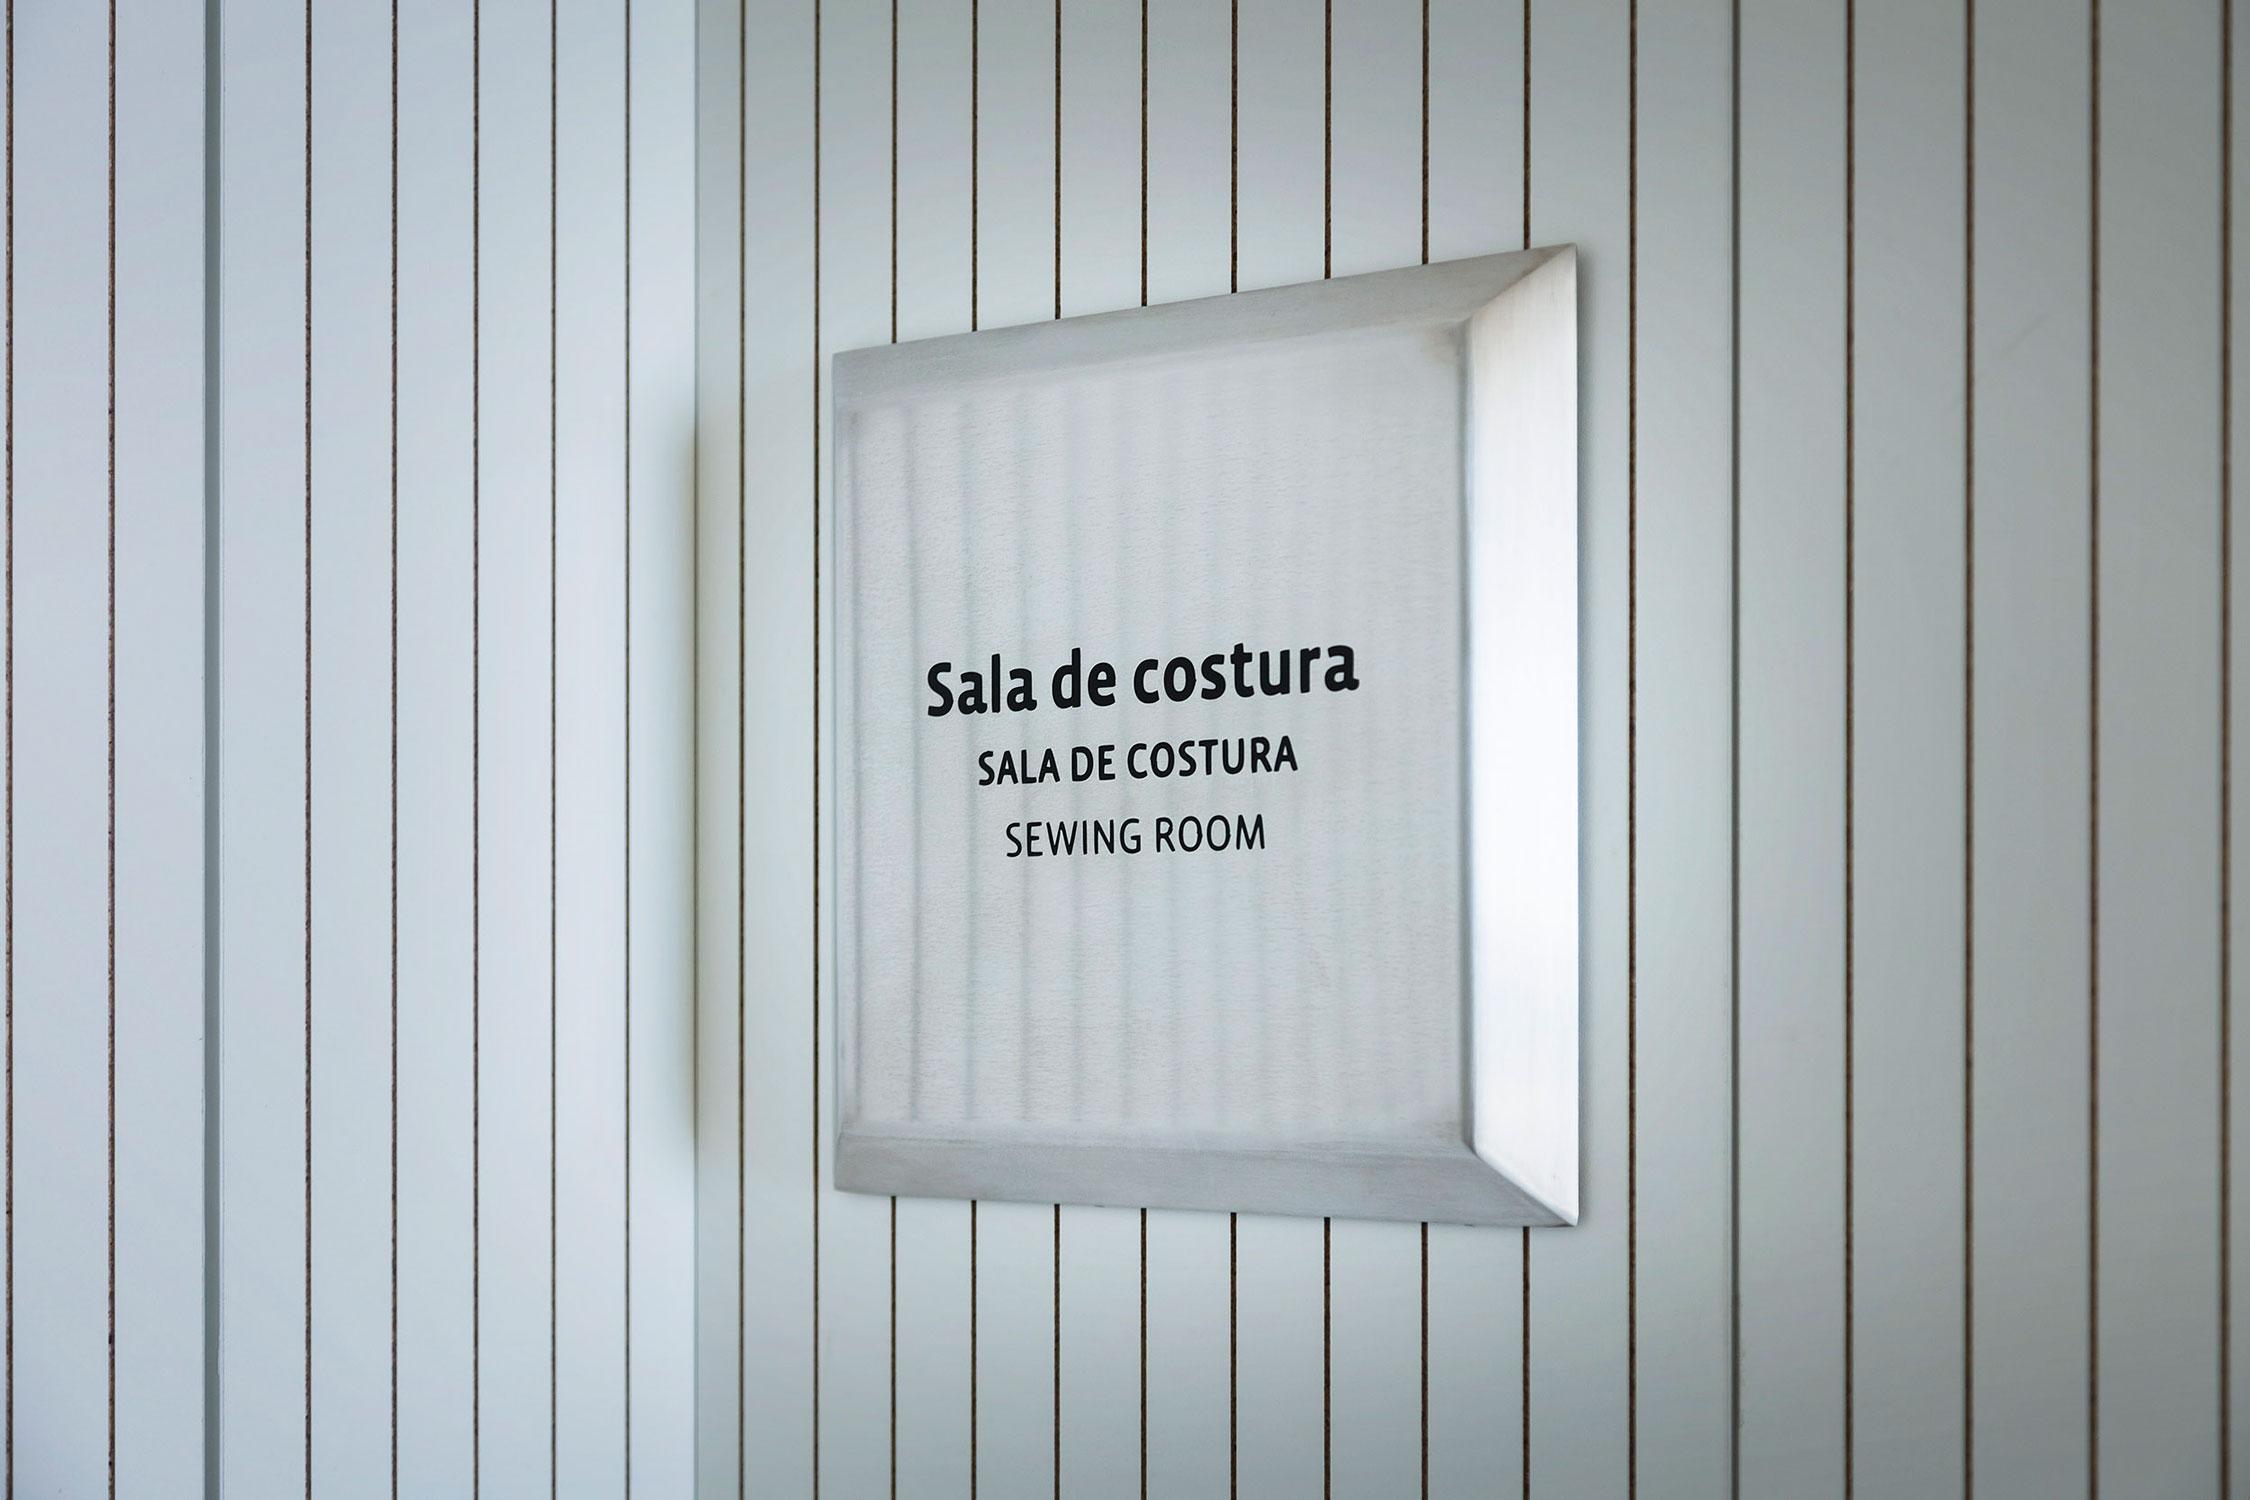 维拉德坎斯奥特莱斯折扣村标识设计©Mayúscula